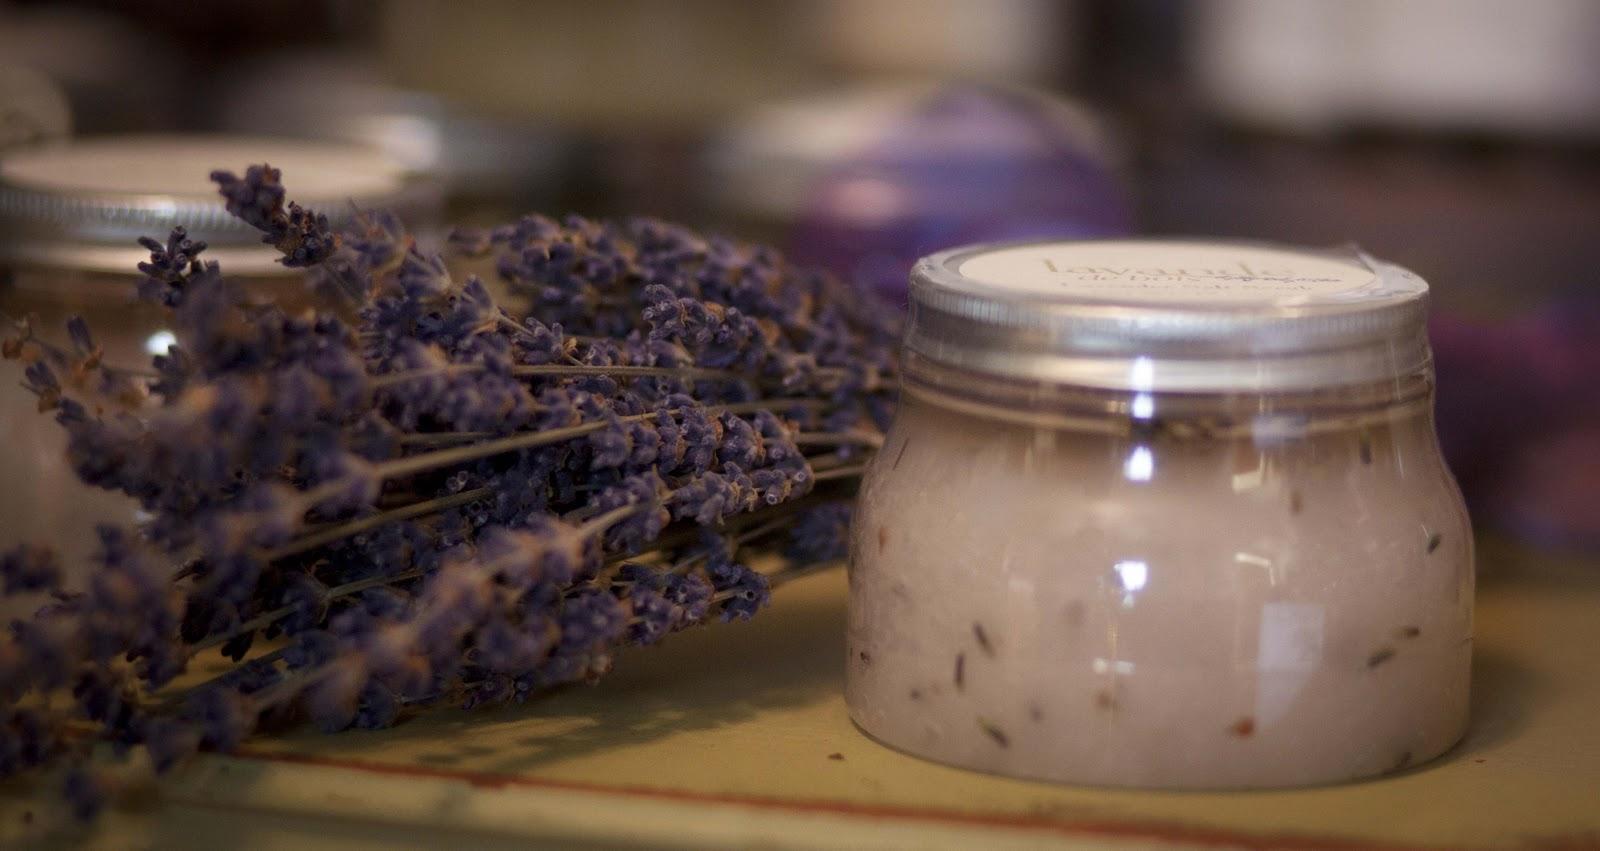 Homemade Soap, Salt Scrubs and Salt Soaks